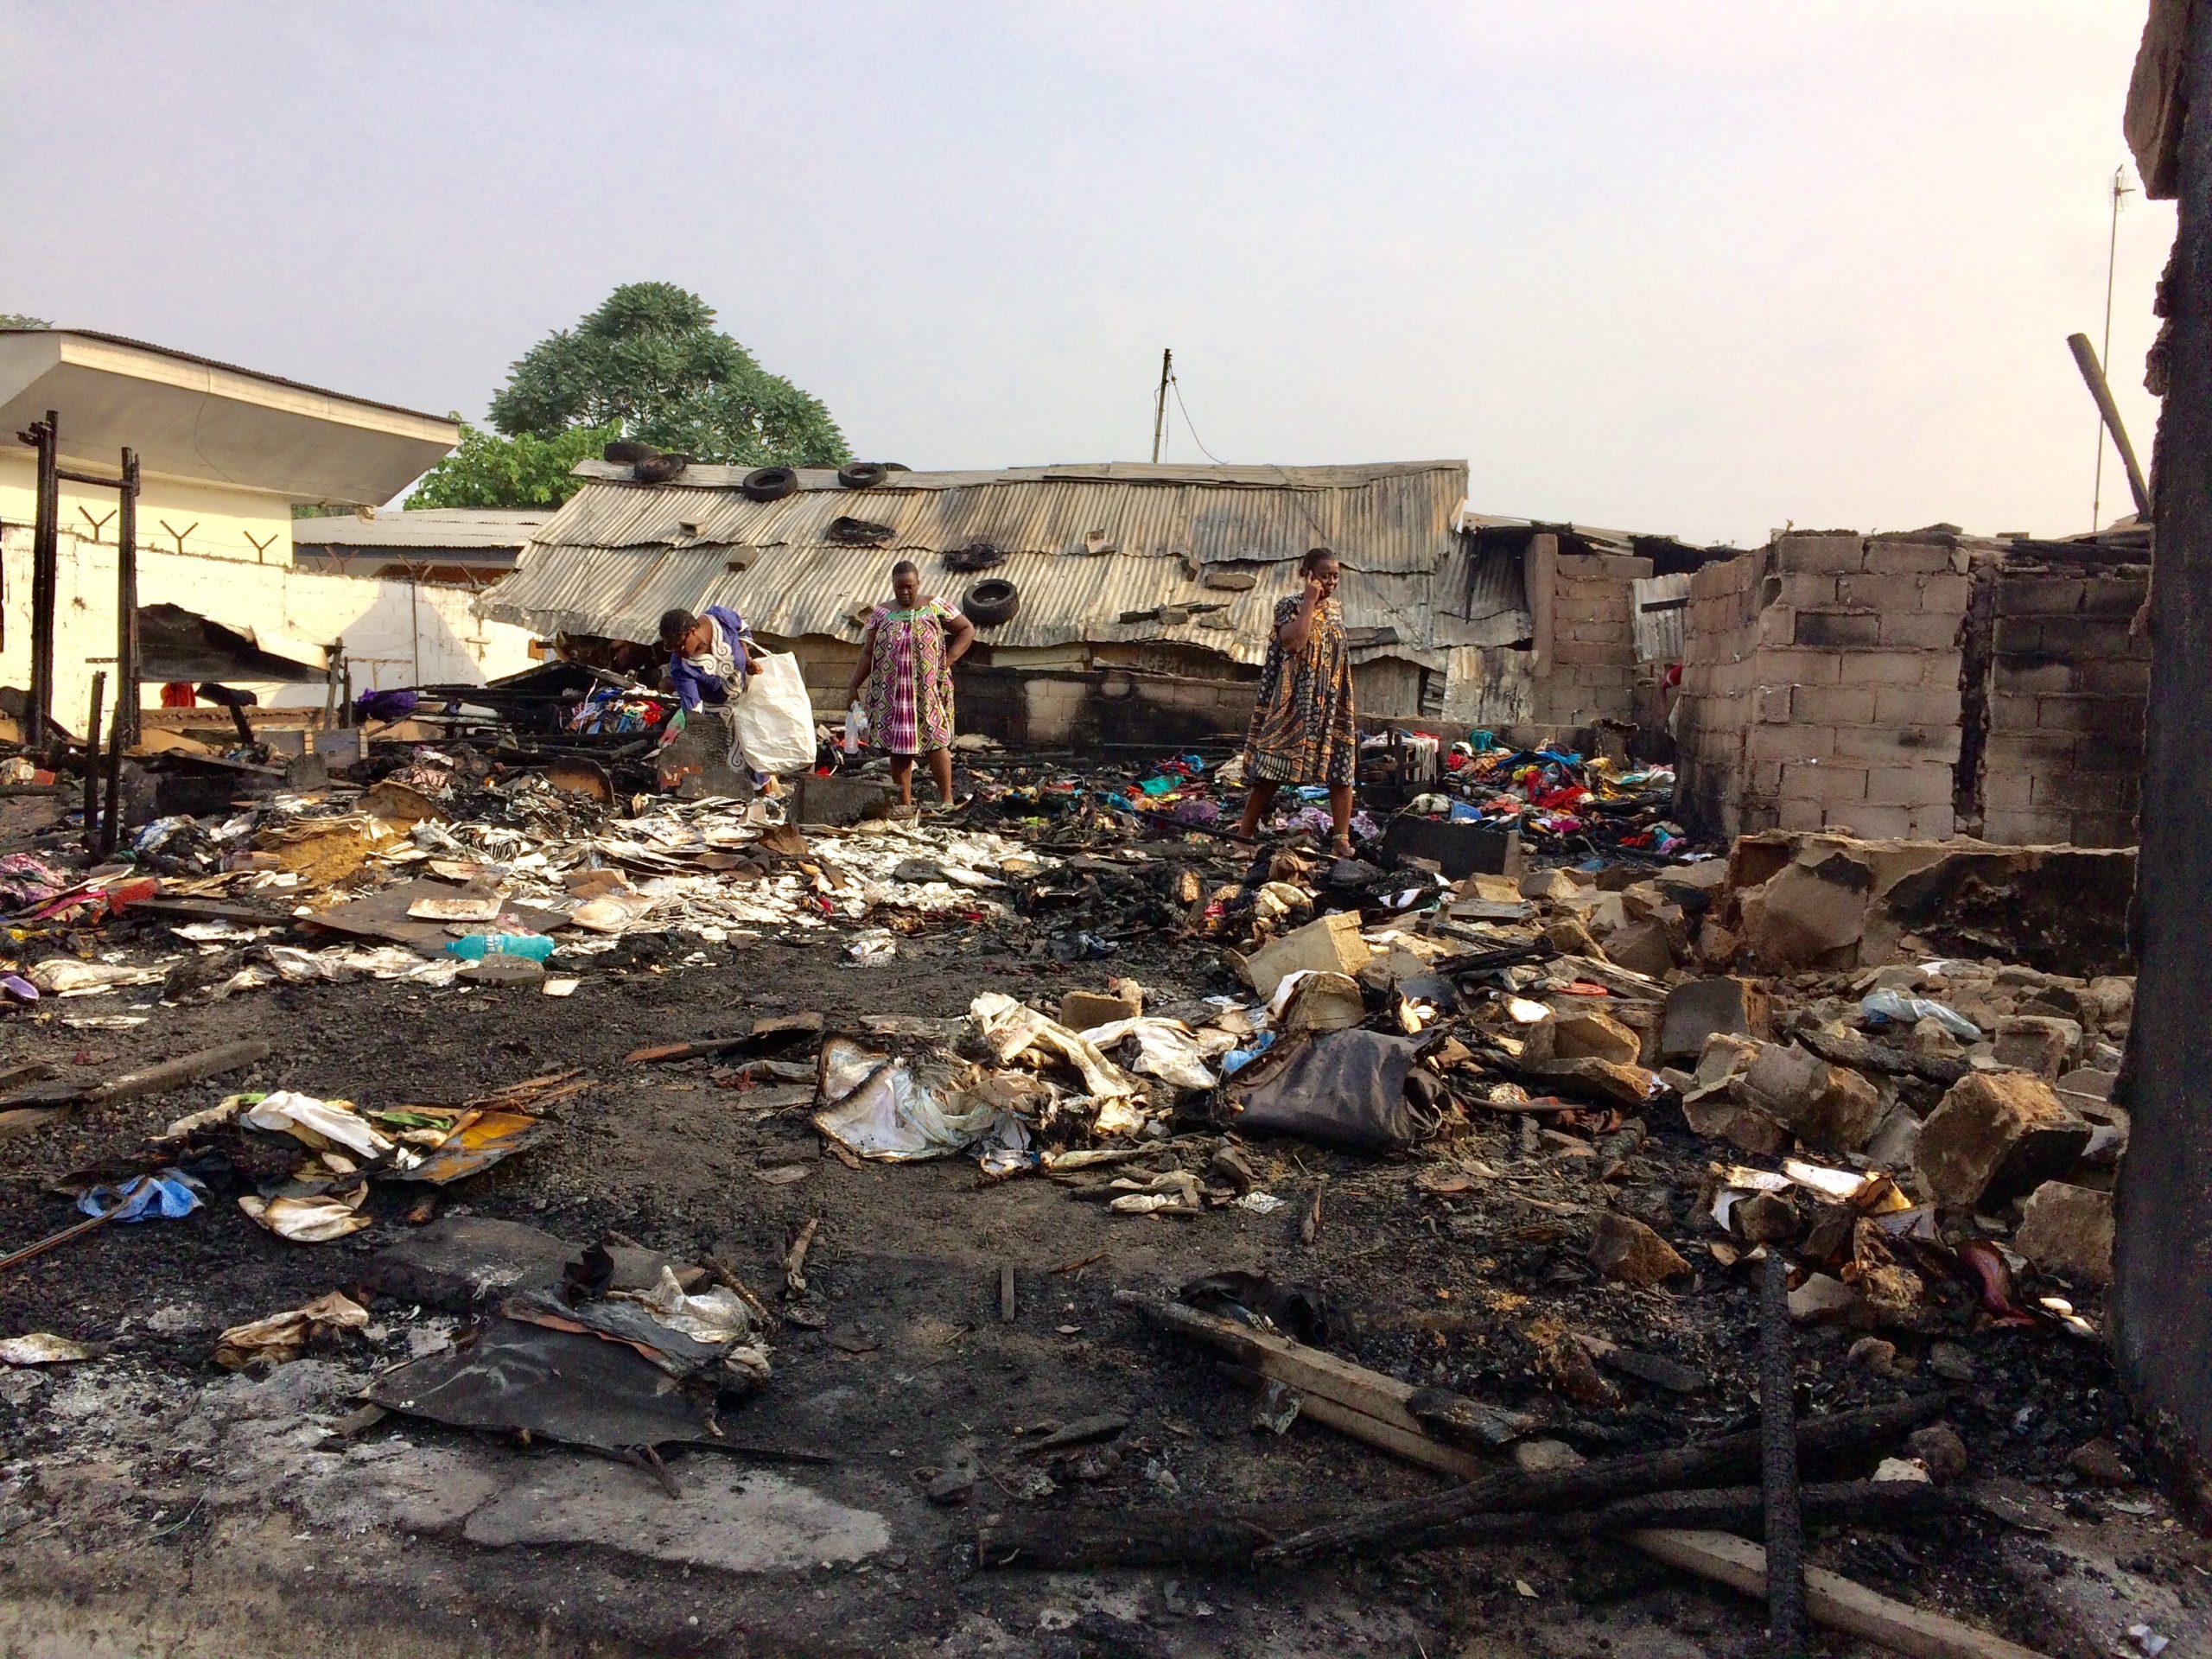 Douala le samedi 6 février 2021. Des femmes sur le lieu de l'incendie à Akwa. Photo: Moustapha Oumarou